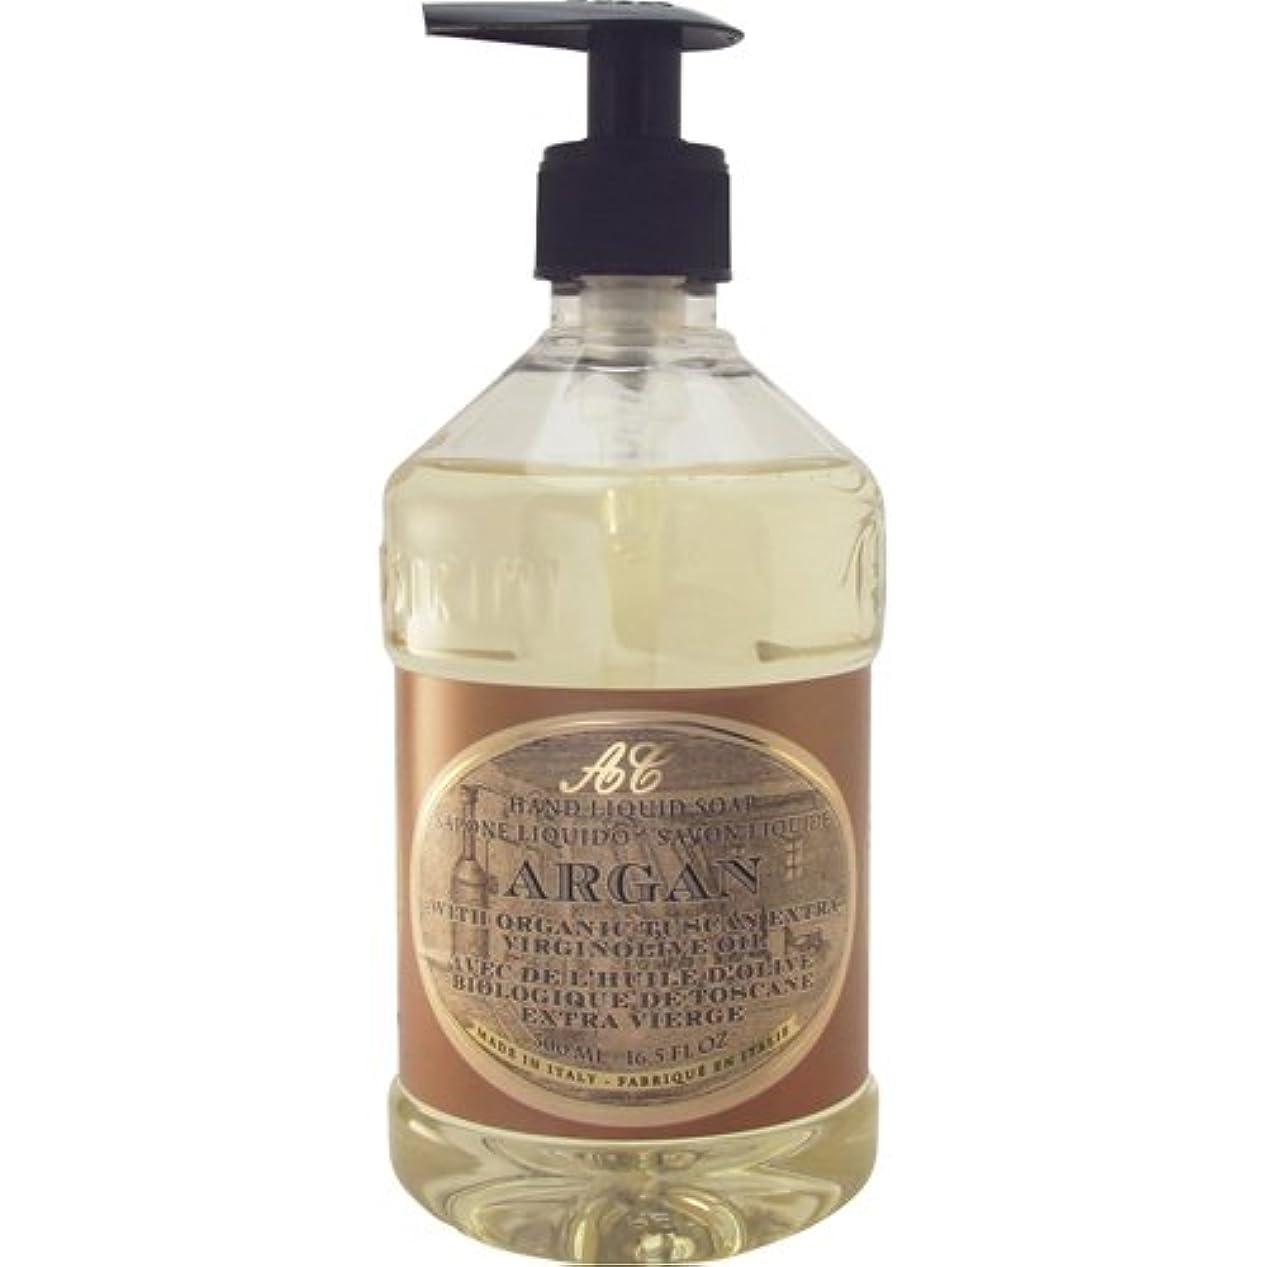 抑圧バタフライ共感するSaponerire Fissi レトロシリーズ Liquid Soap リキッドソープ 500ml Argan アルガンオイル